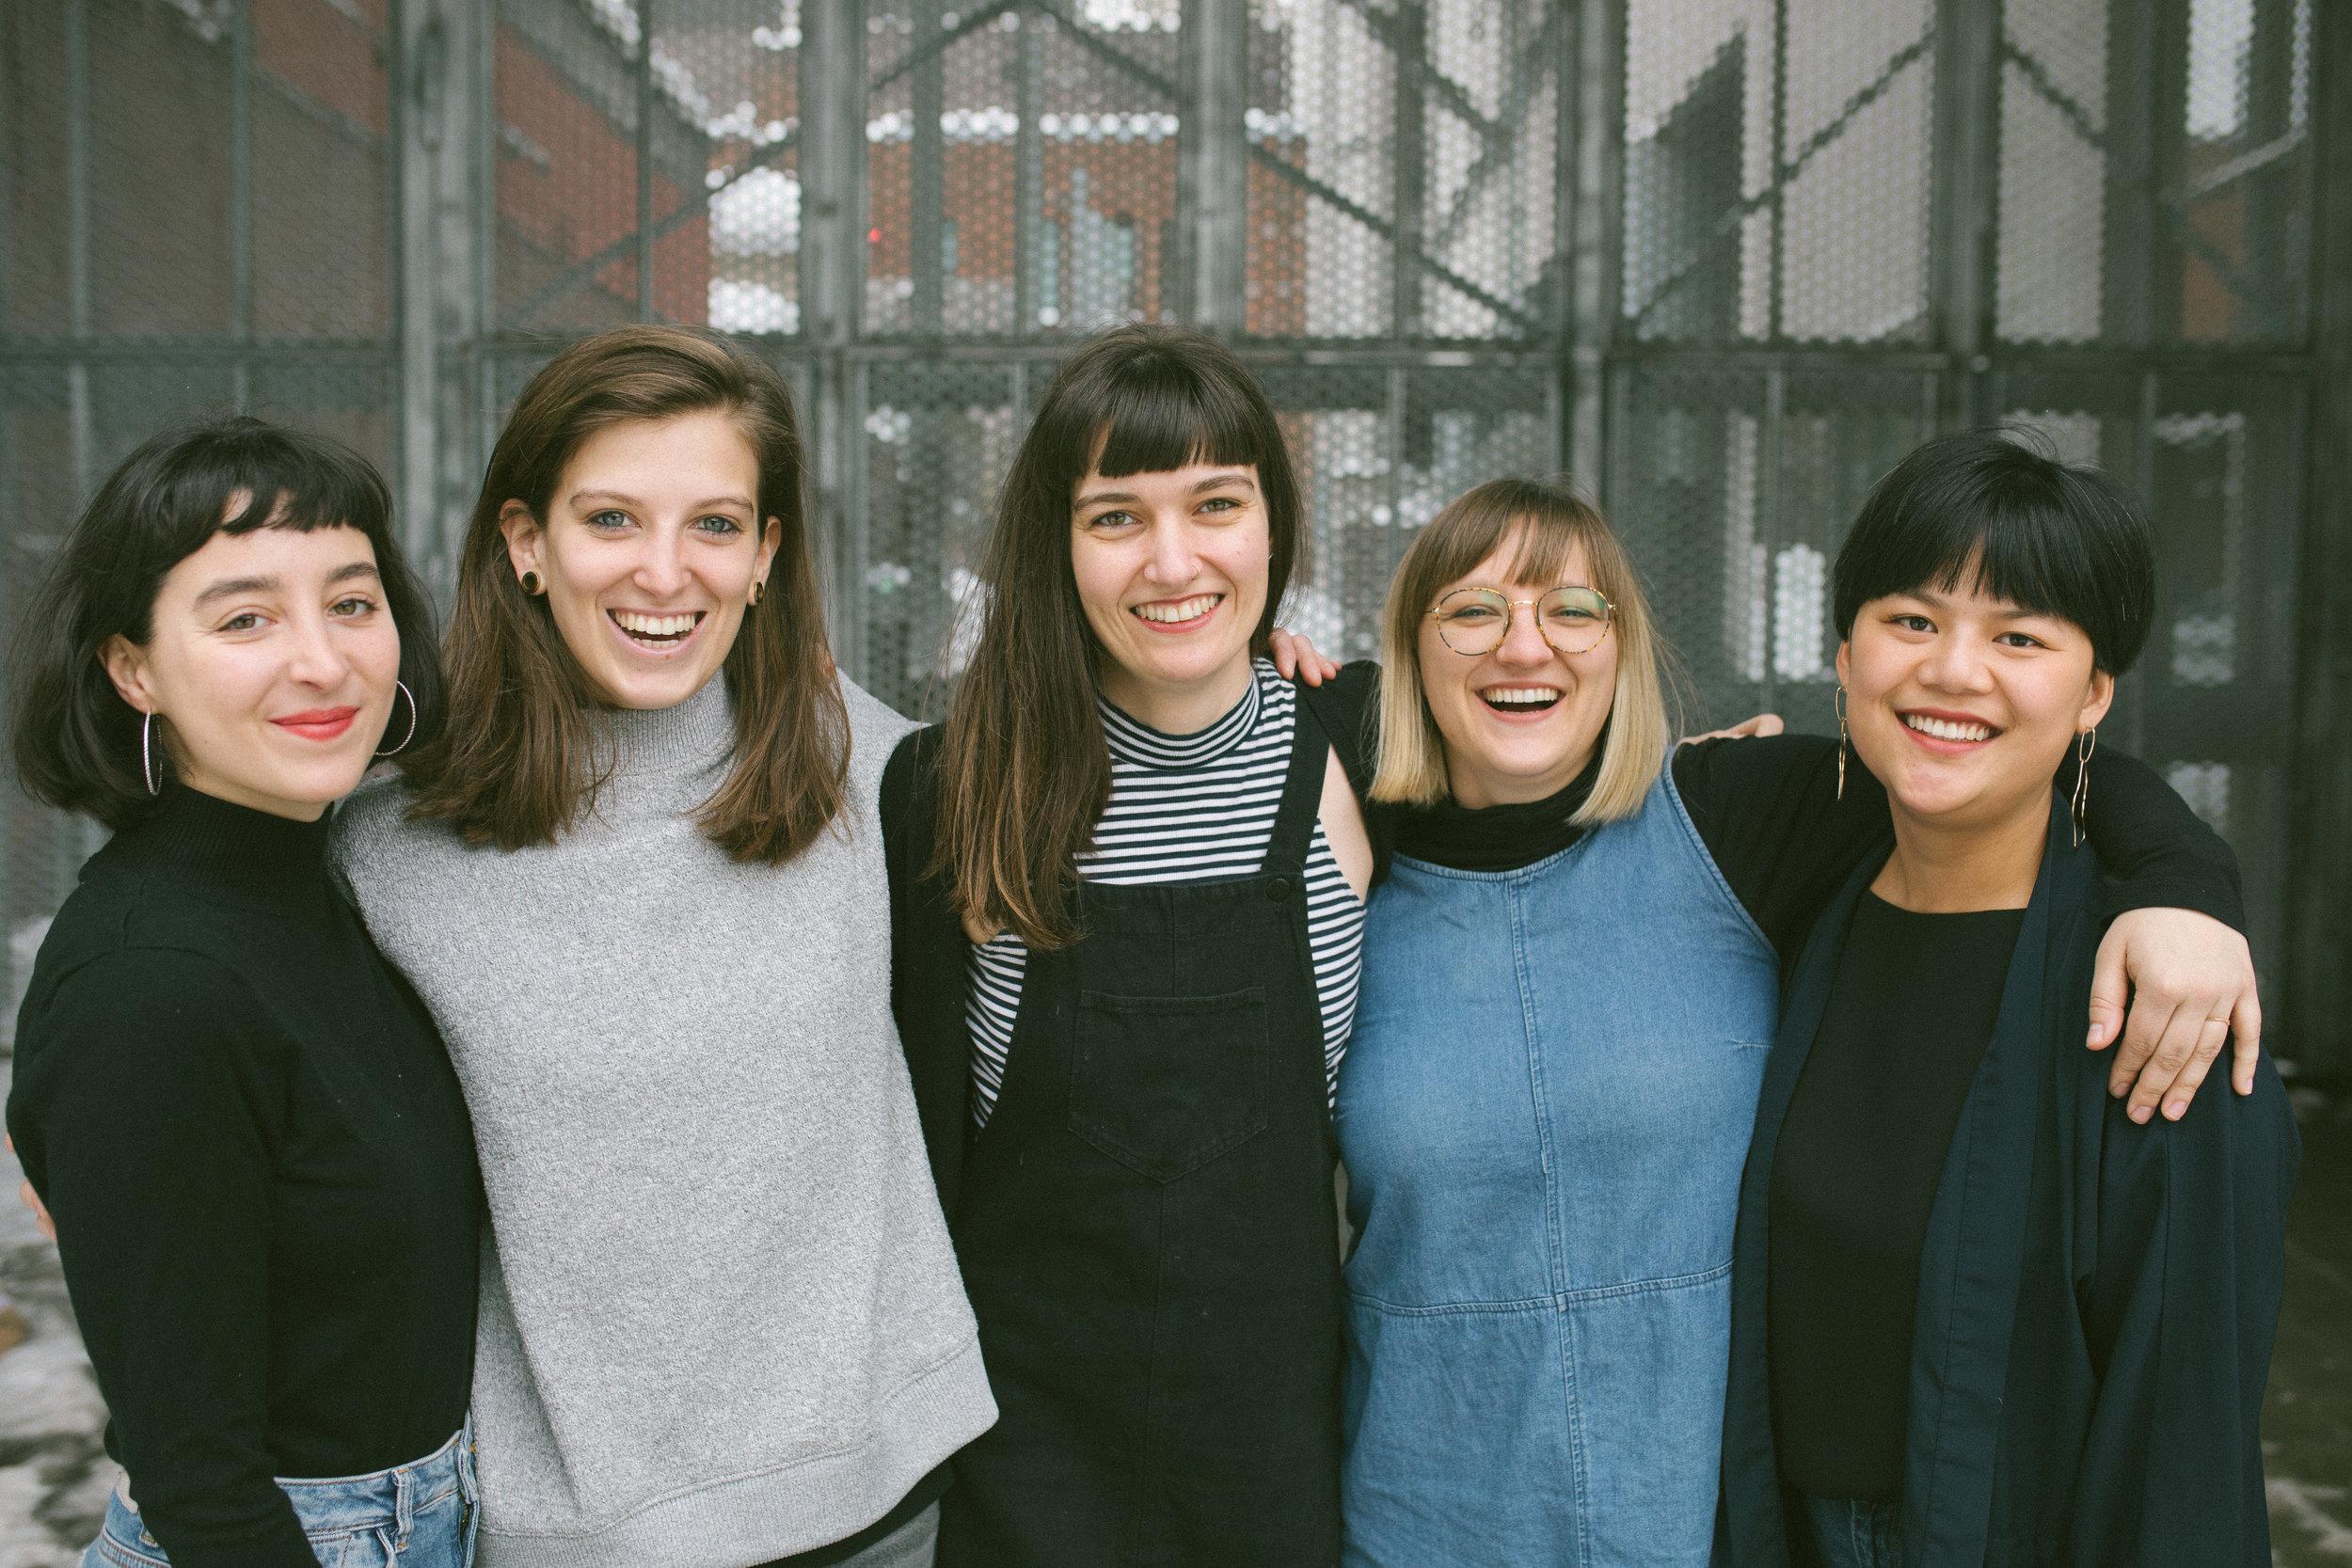 Les Filministes (de gauche à droite) : Maha Farah Elmir, Coppélia La Roche-Francoeur, Soline Asselin, Gabrielle Doré, Anne-Julie Beaudin    CRÉDIT PHOTO : CARMEN RACHITEANU